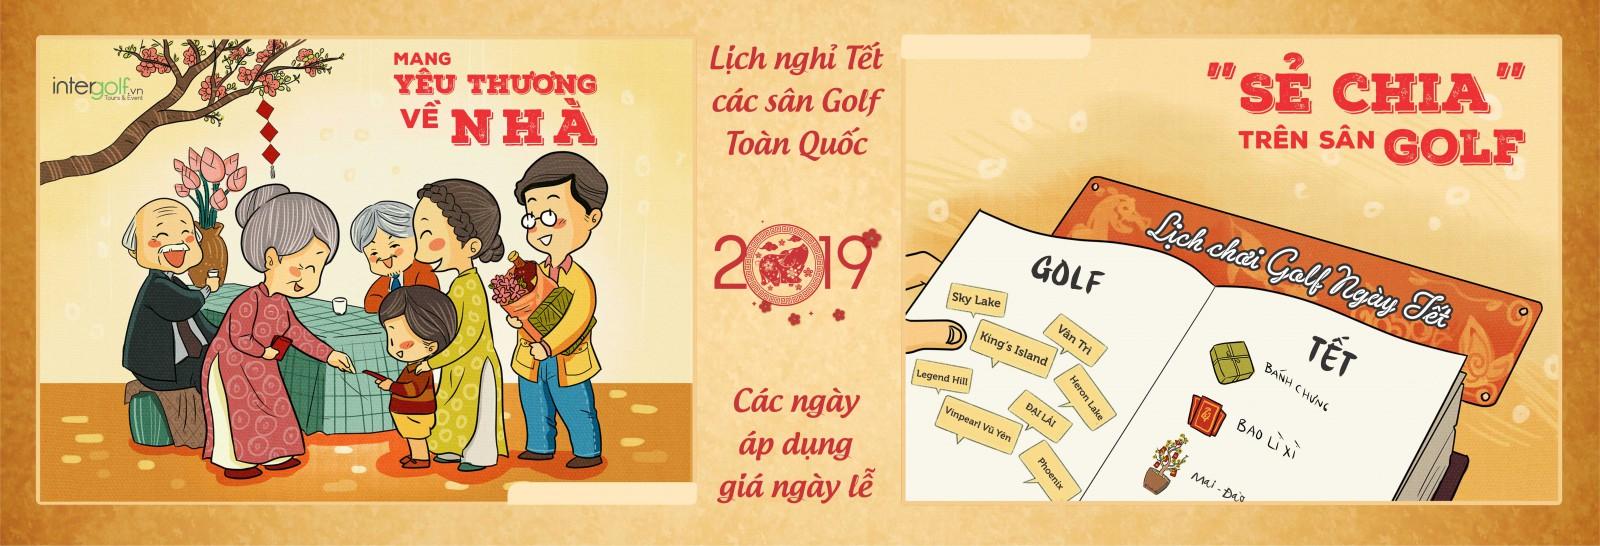 Thông báo lịch nghỉ lễ & Ngày áp dụng giá ngày lễ các sân golf Toàn Quốc